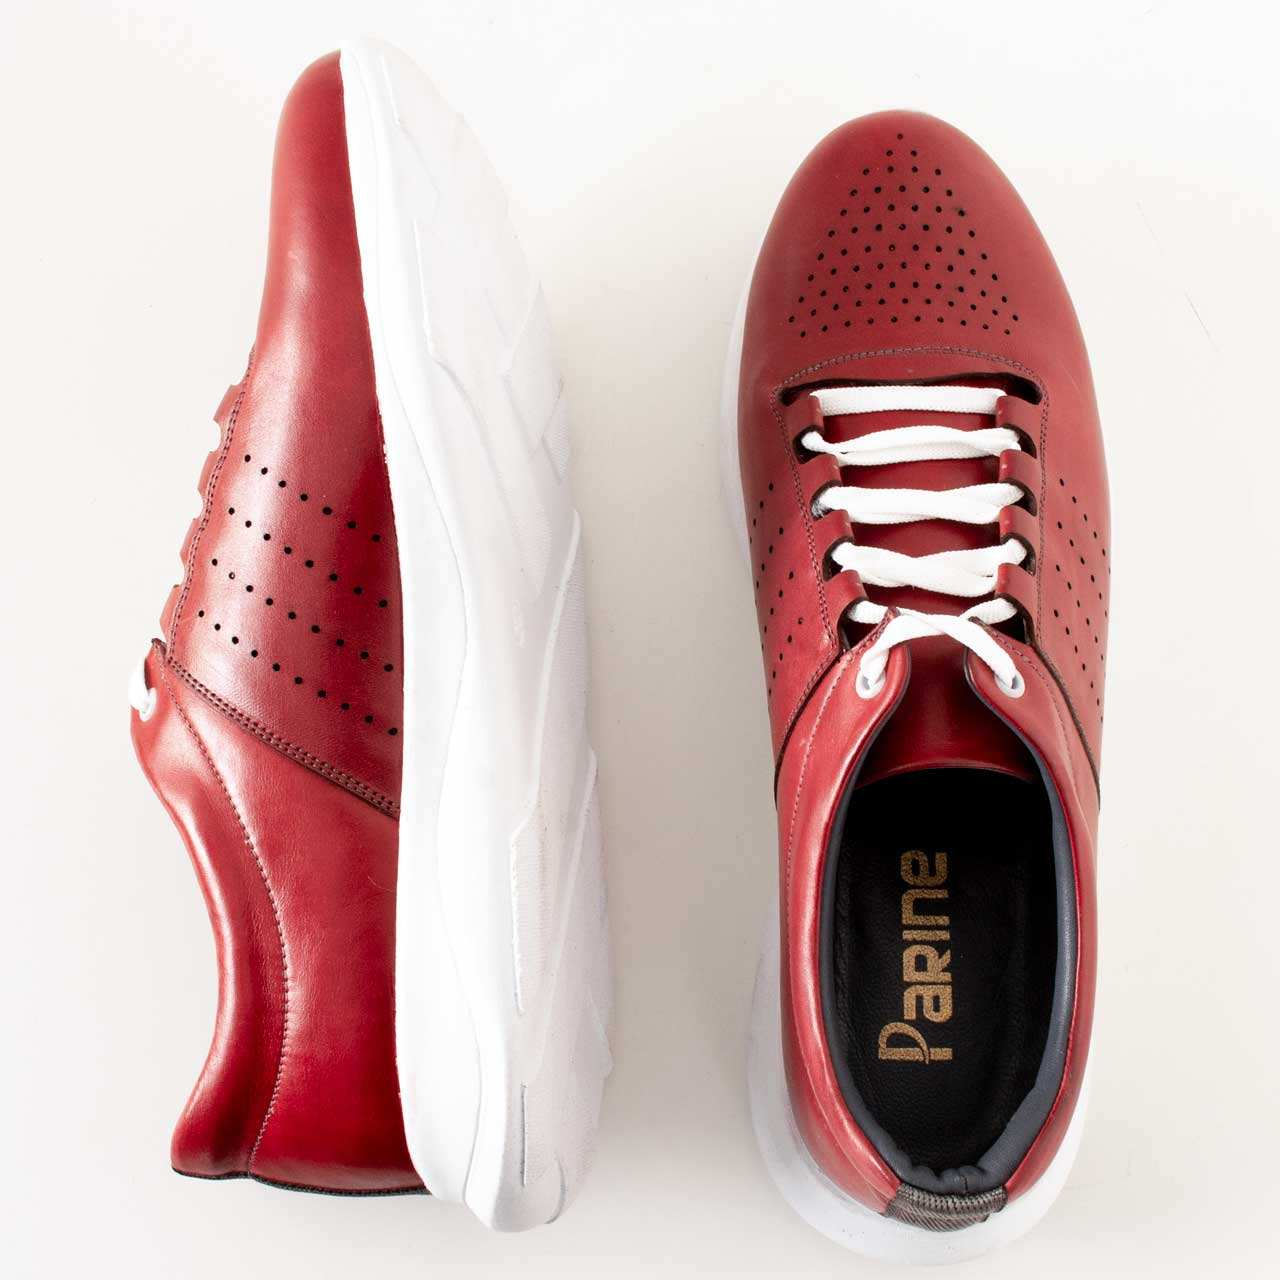 کفش روزمره مردانه پارینه چرم مدل SHO176-2 -  - 10